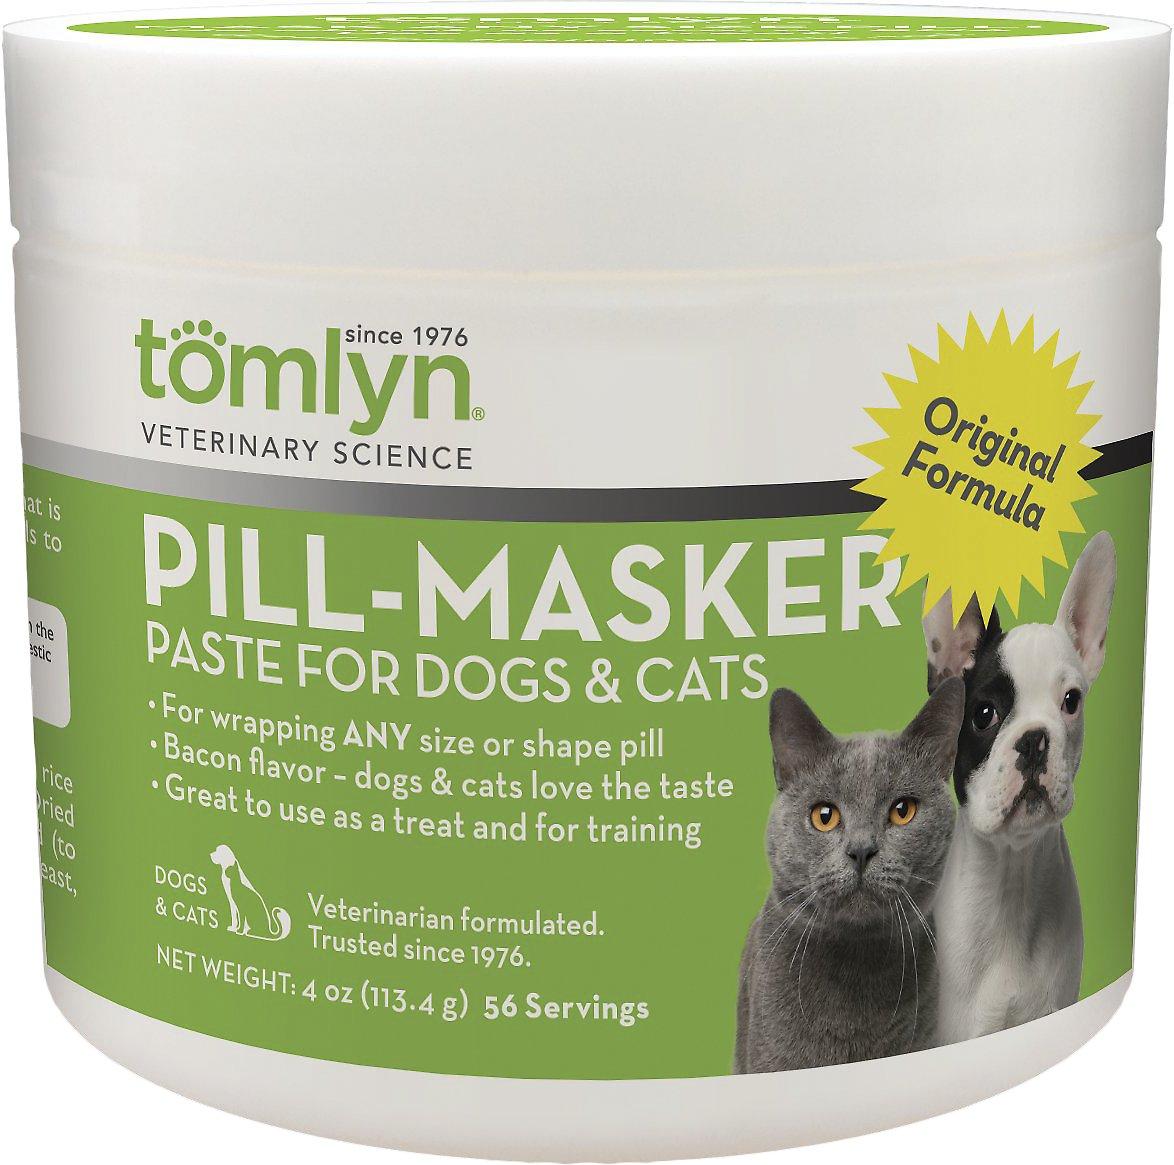 Tomlyn Pill-Masker, 4-oz jar